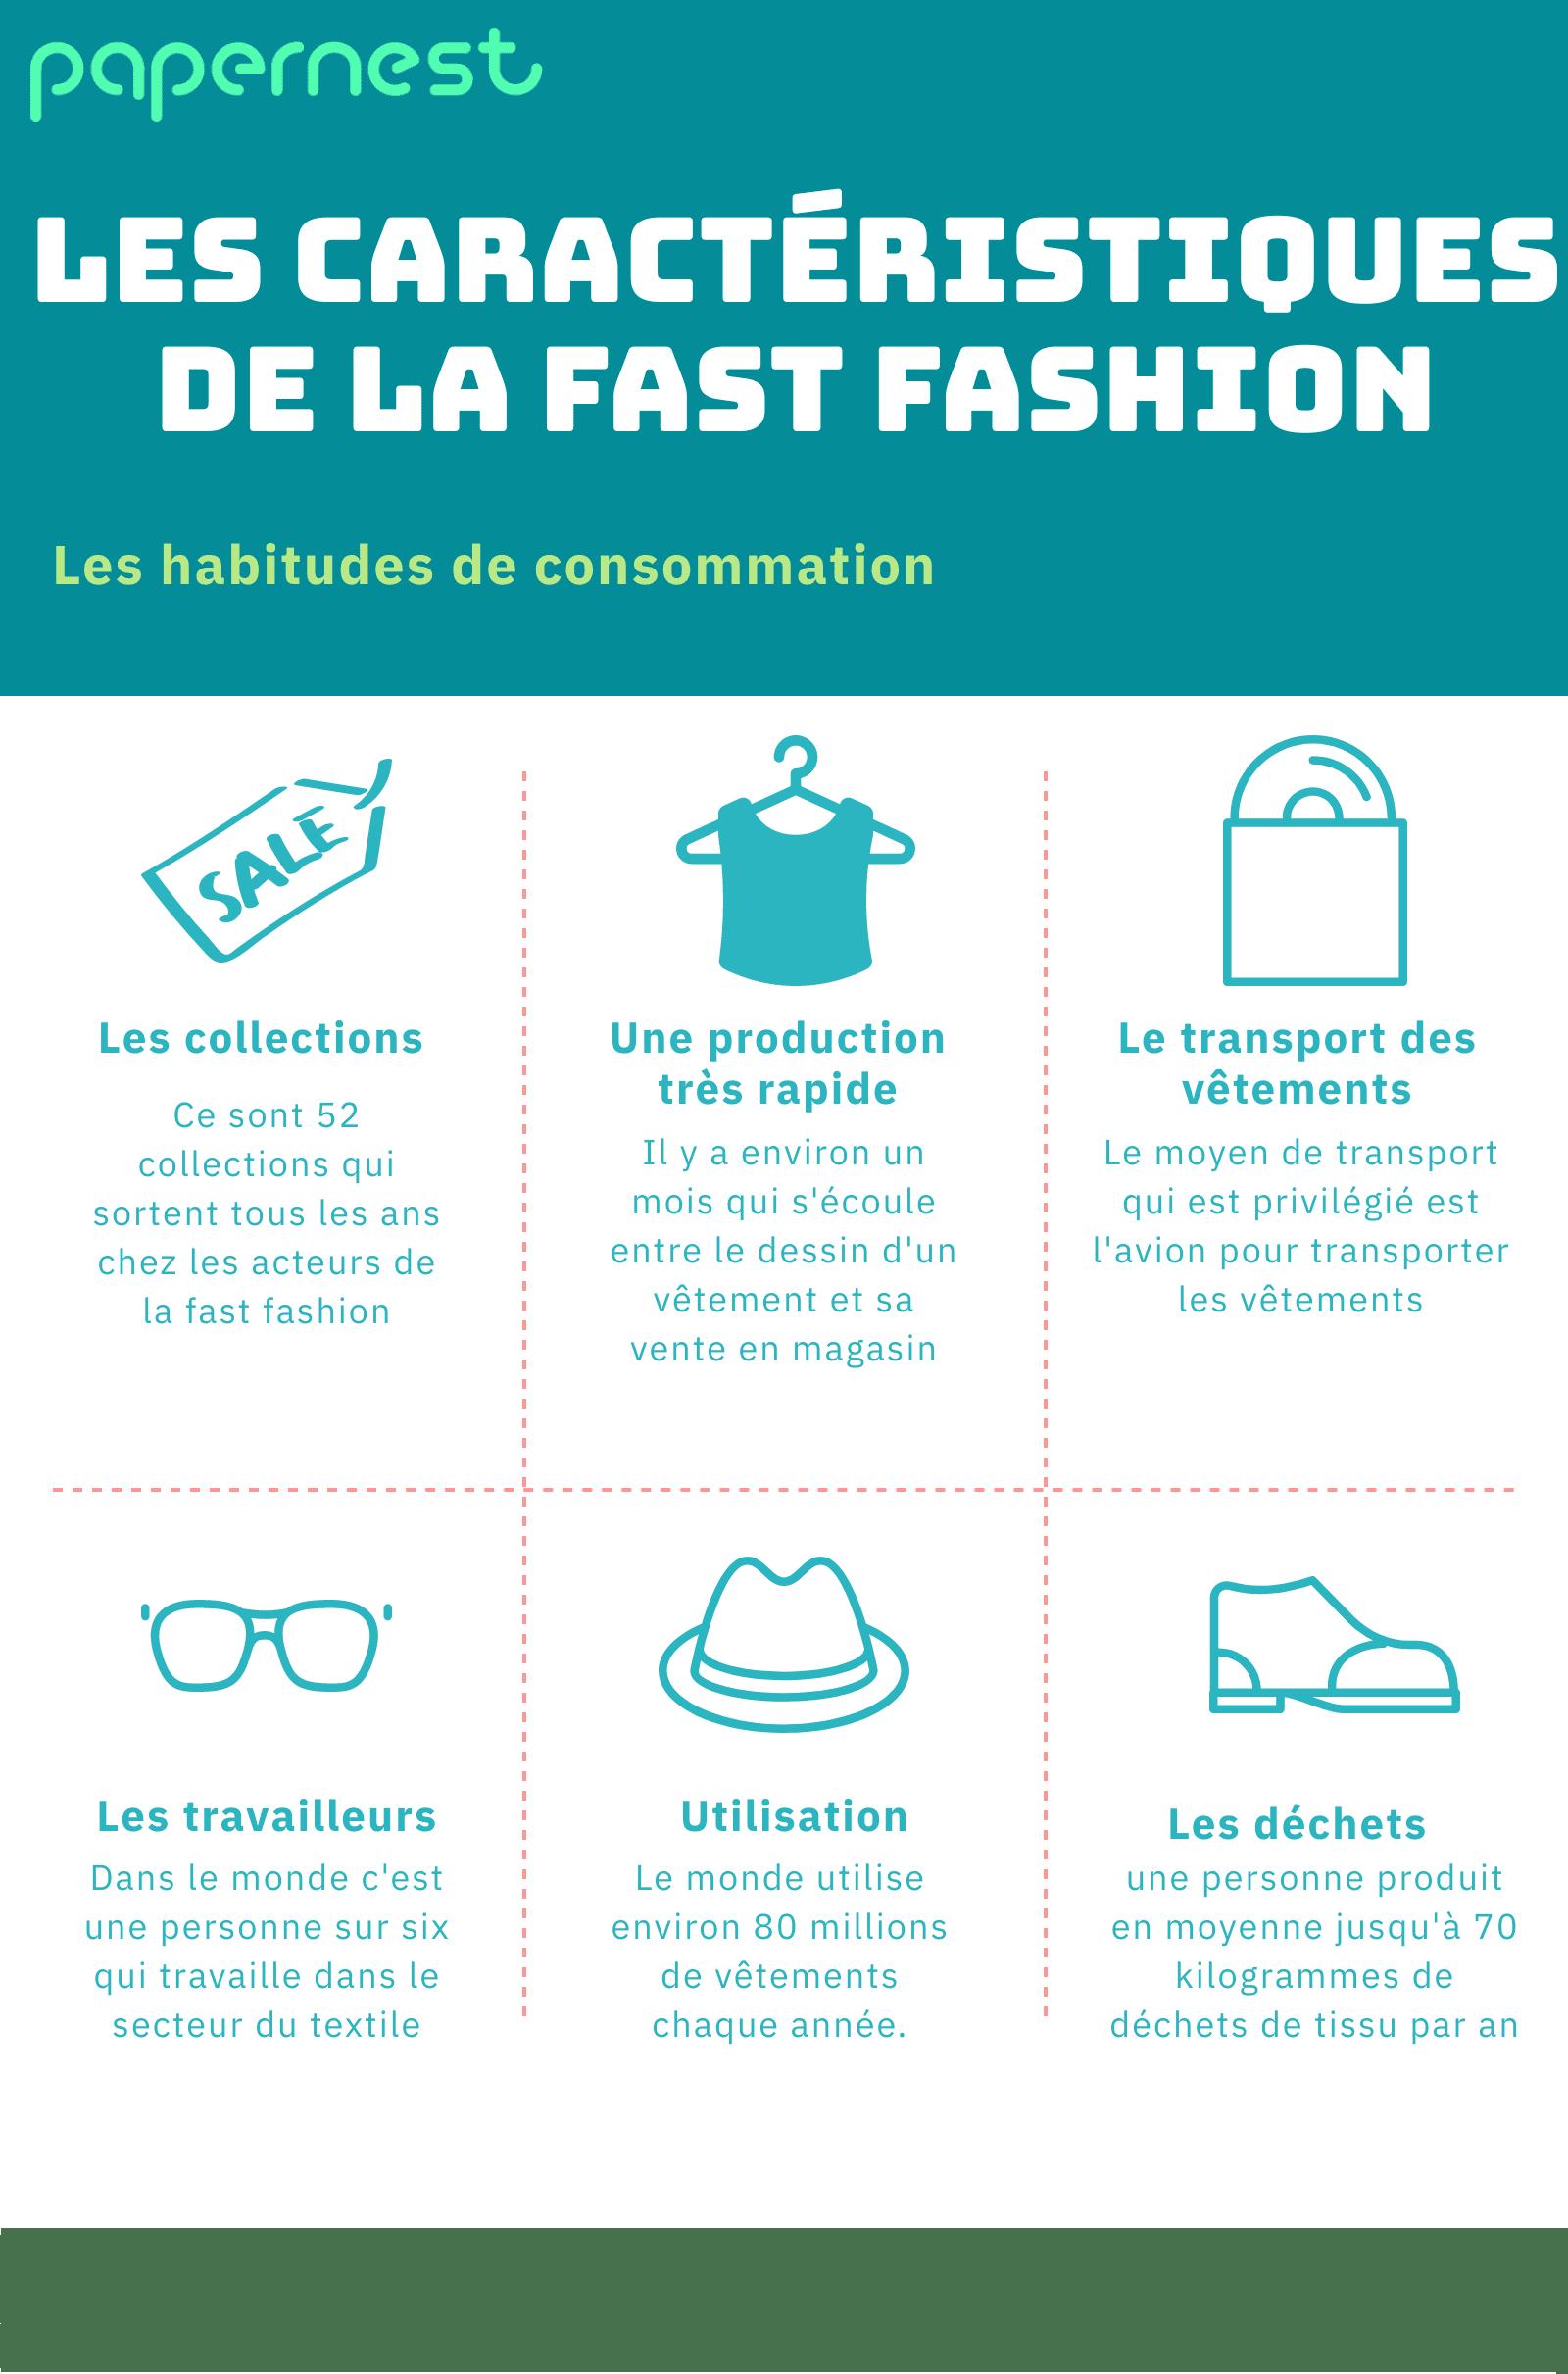 Les caractéristiques de la fast fashion